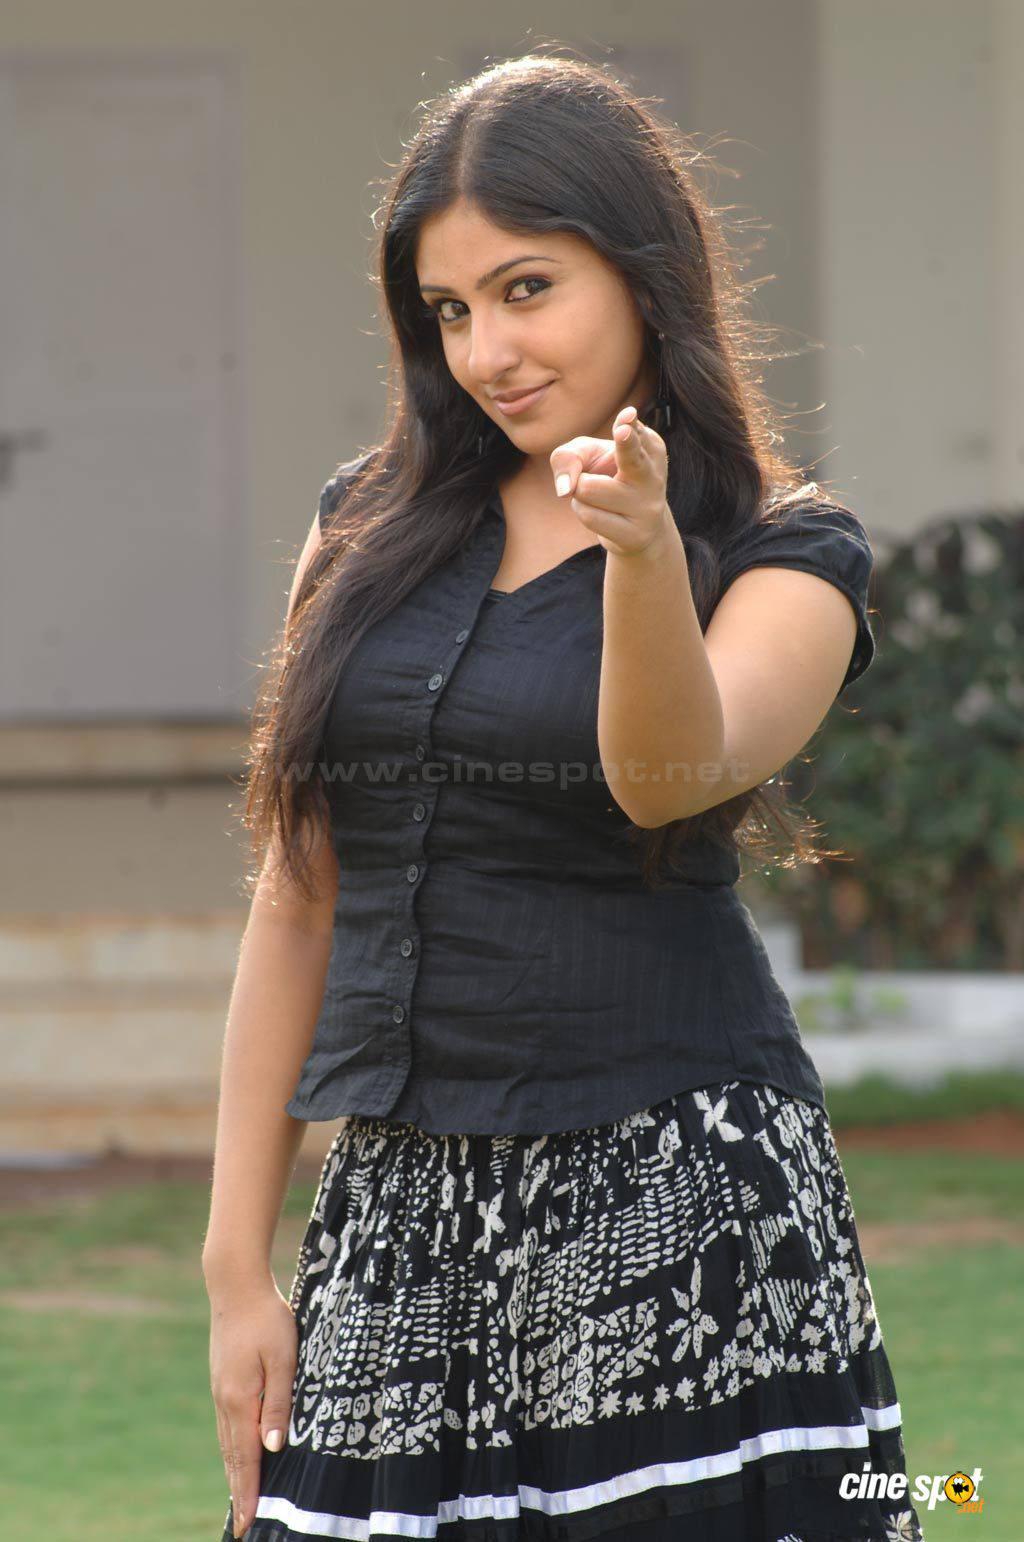 indian cinema actress sexy monika